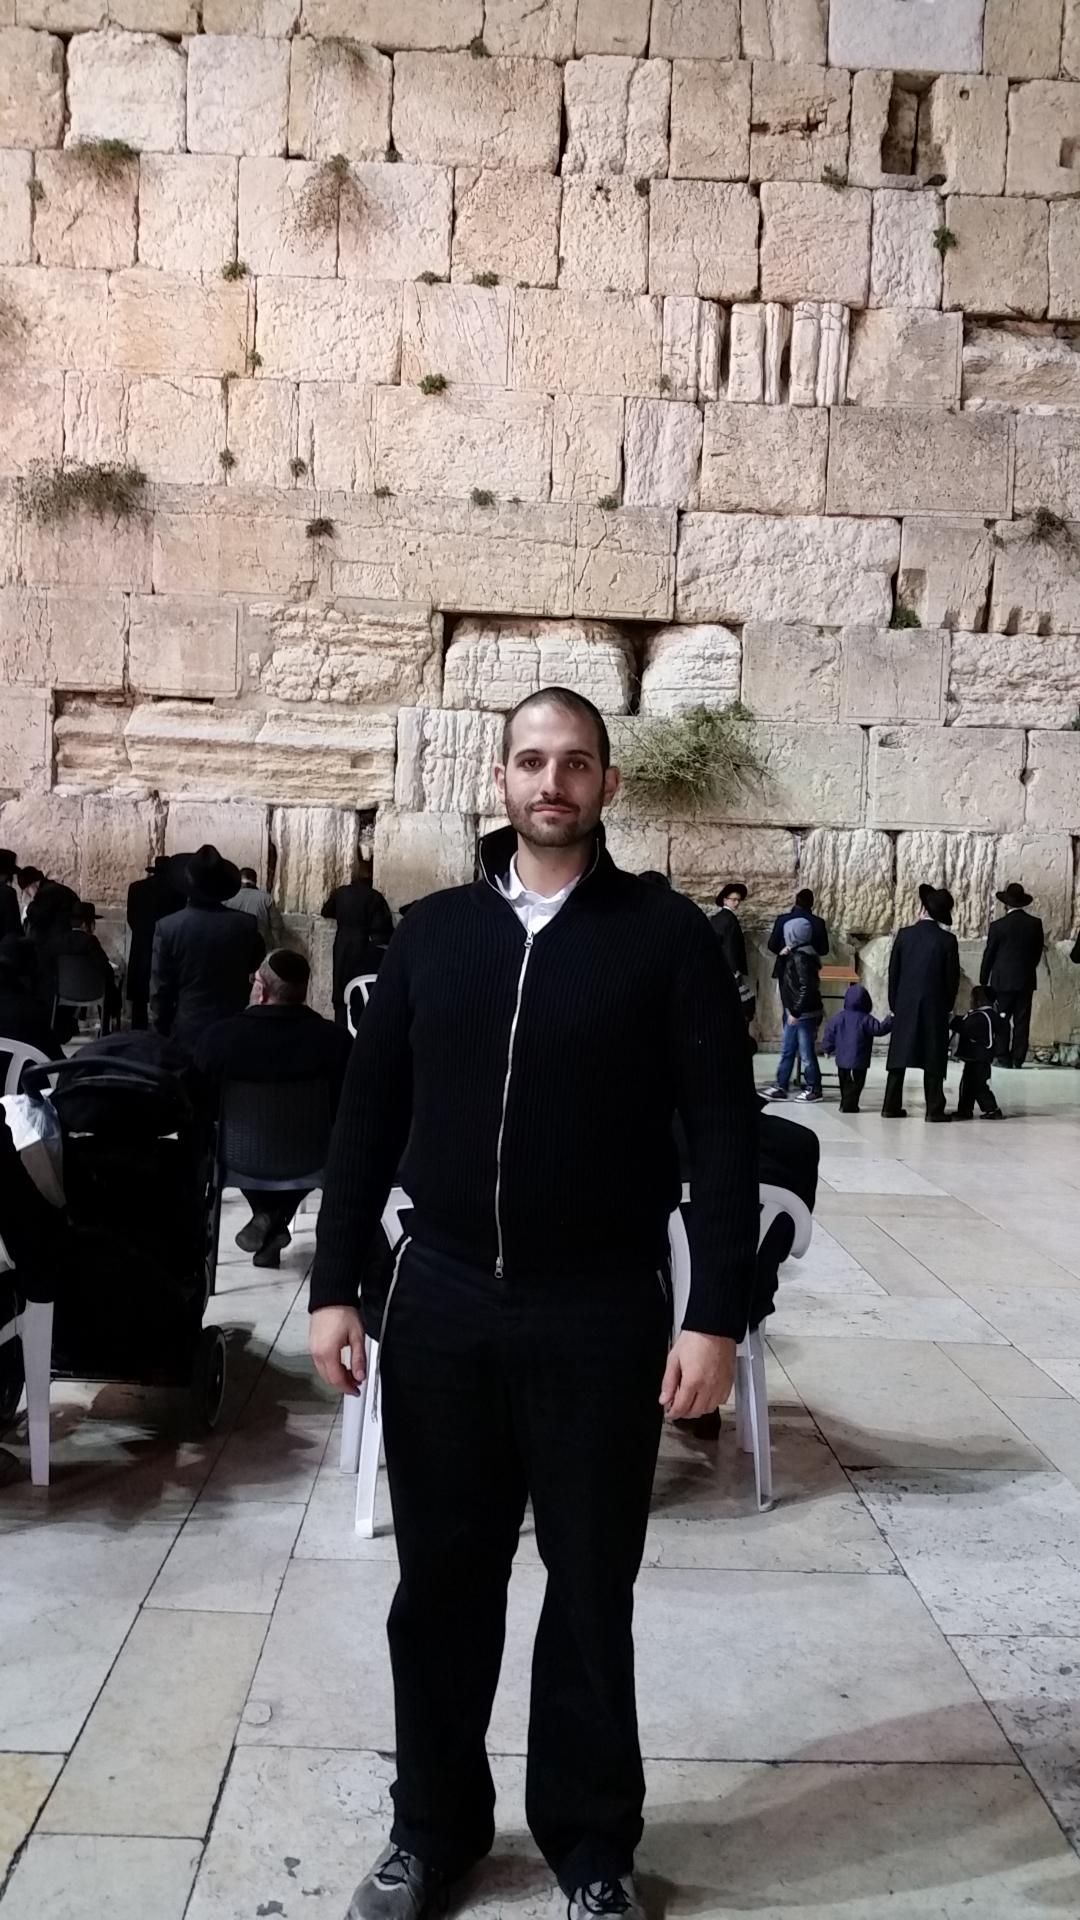 Rabbi J at the Kotel